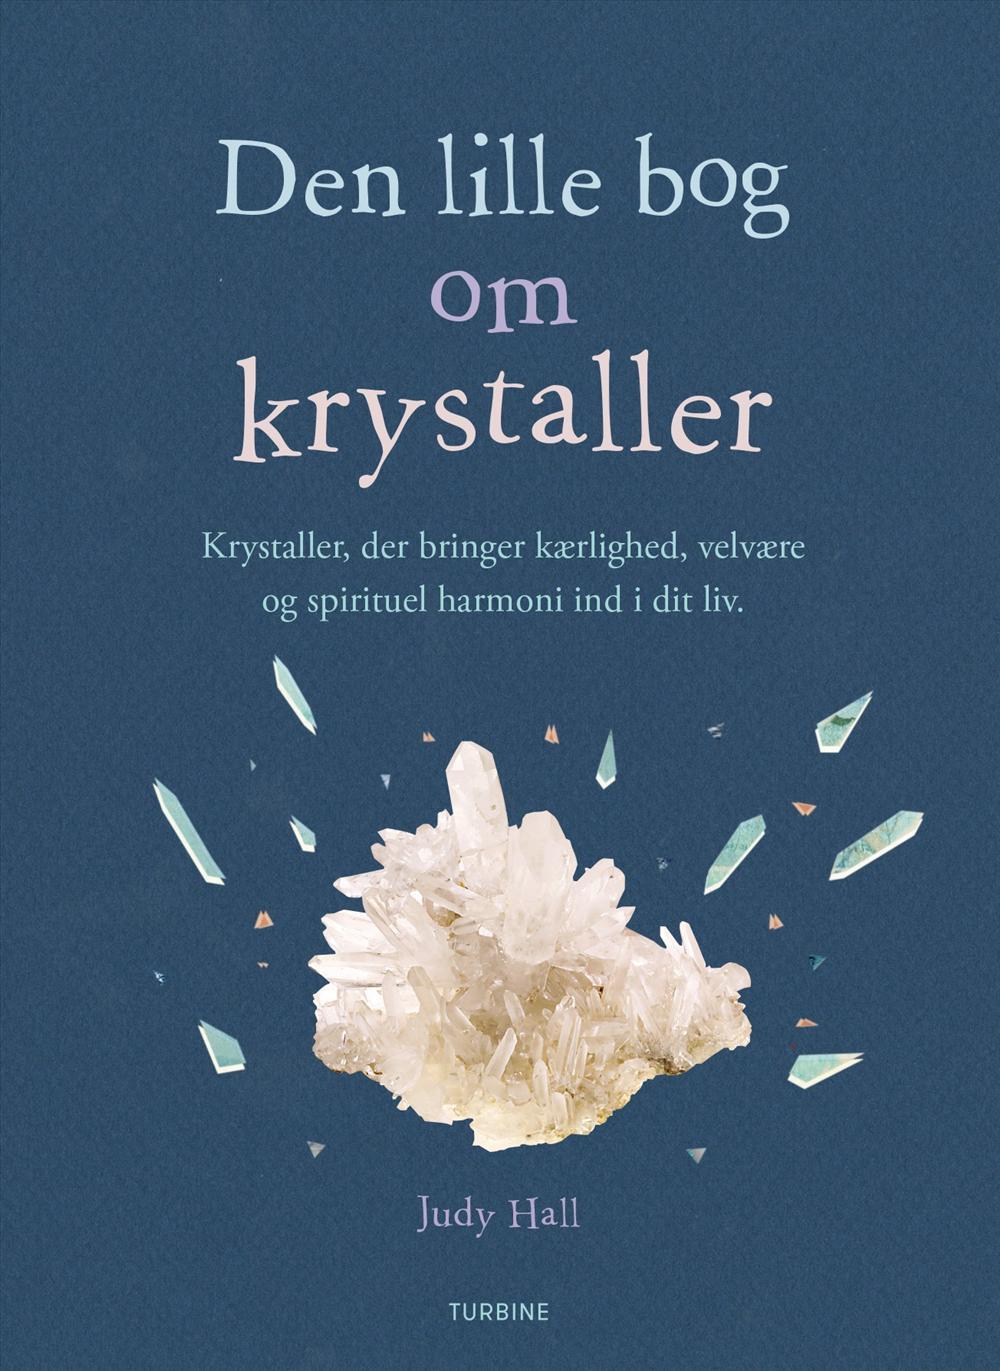 Den lille bog om krystaller